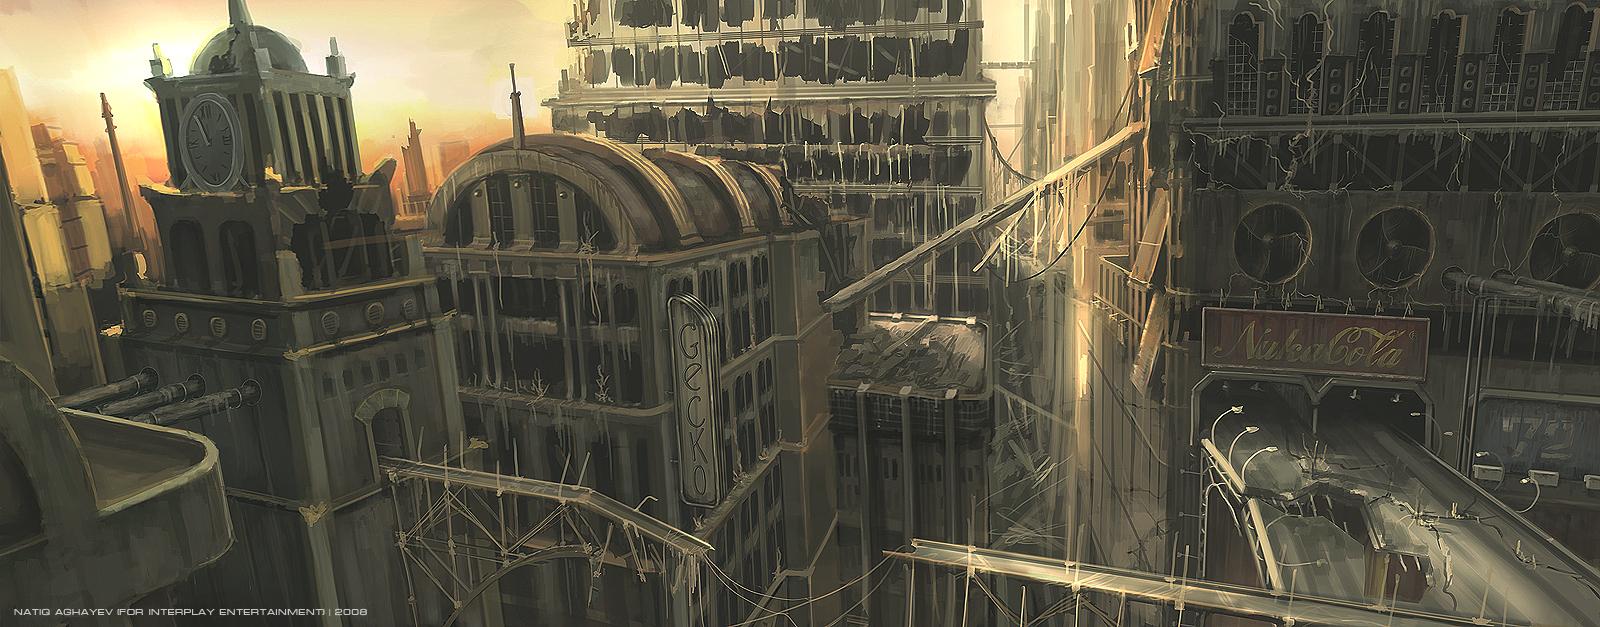 Fallout 3 The Pitt Concept Art